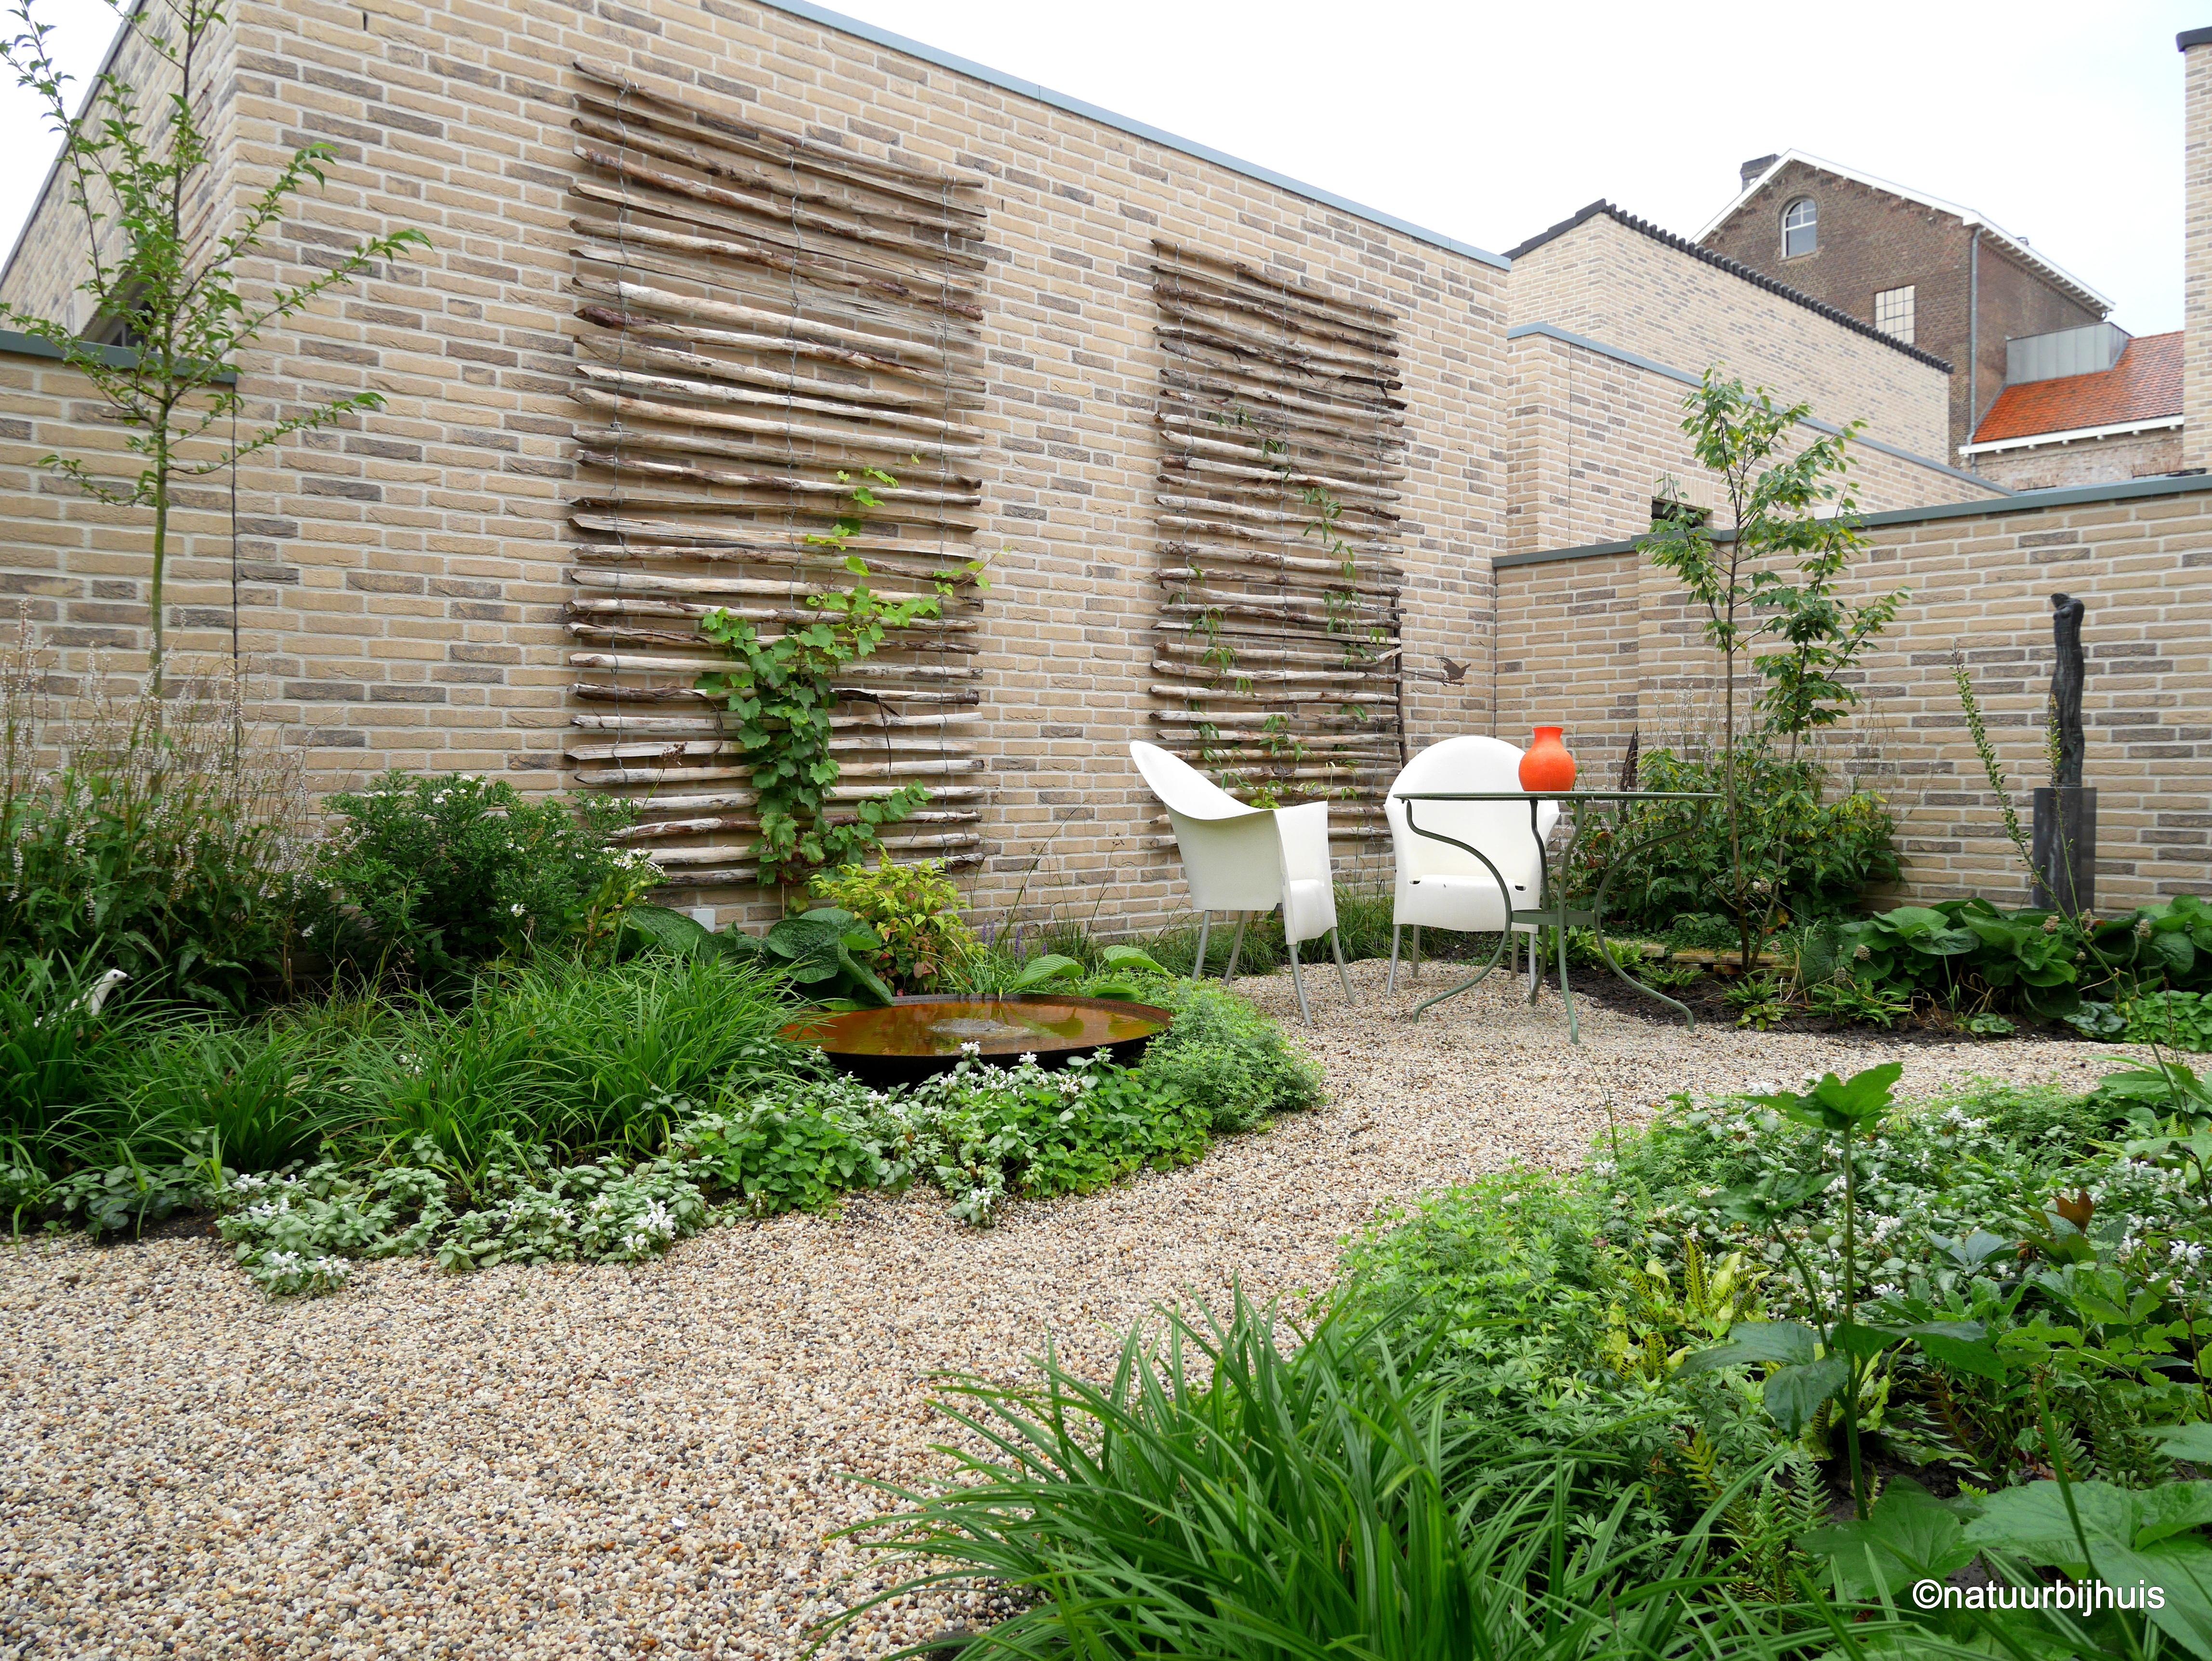 Heuvelachtig Tuin Ontwerp : Tuin ontwerp huis de tuin in huis bertram terpstra